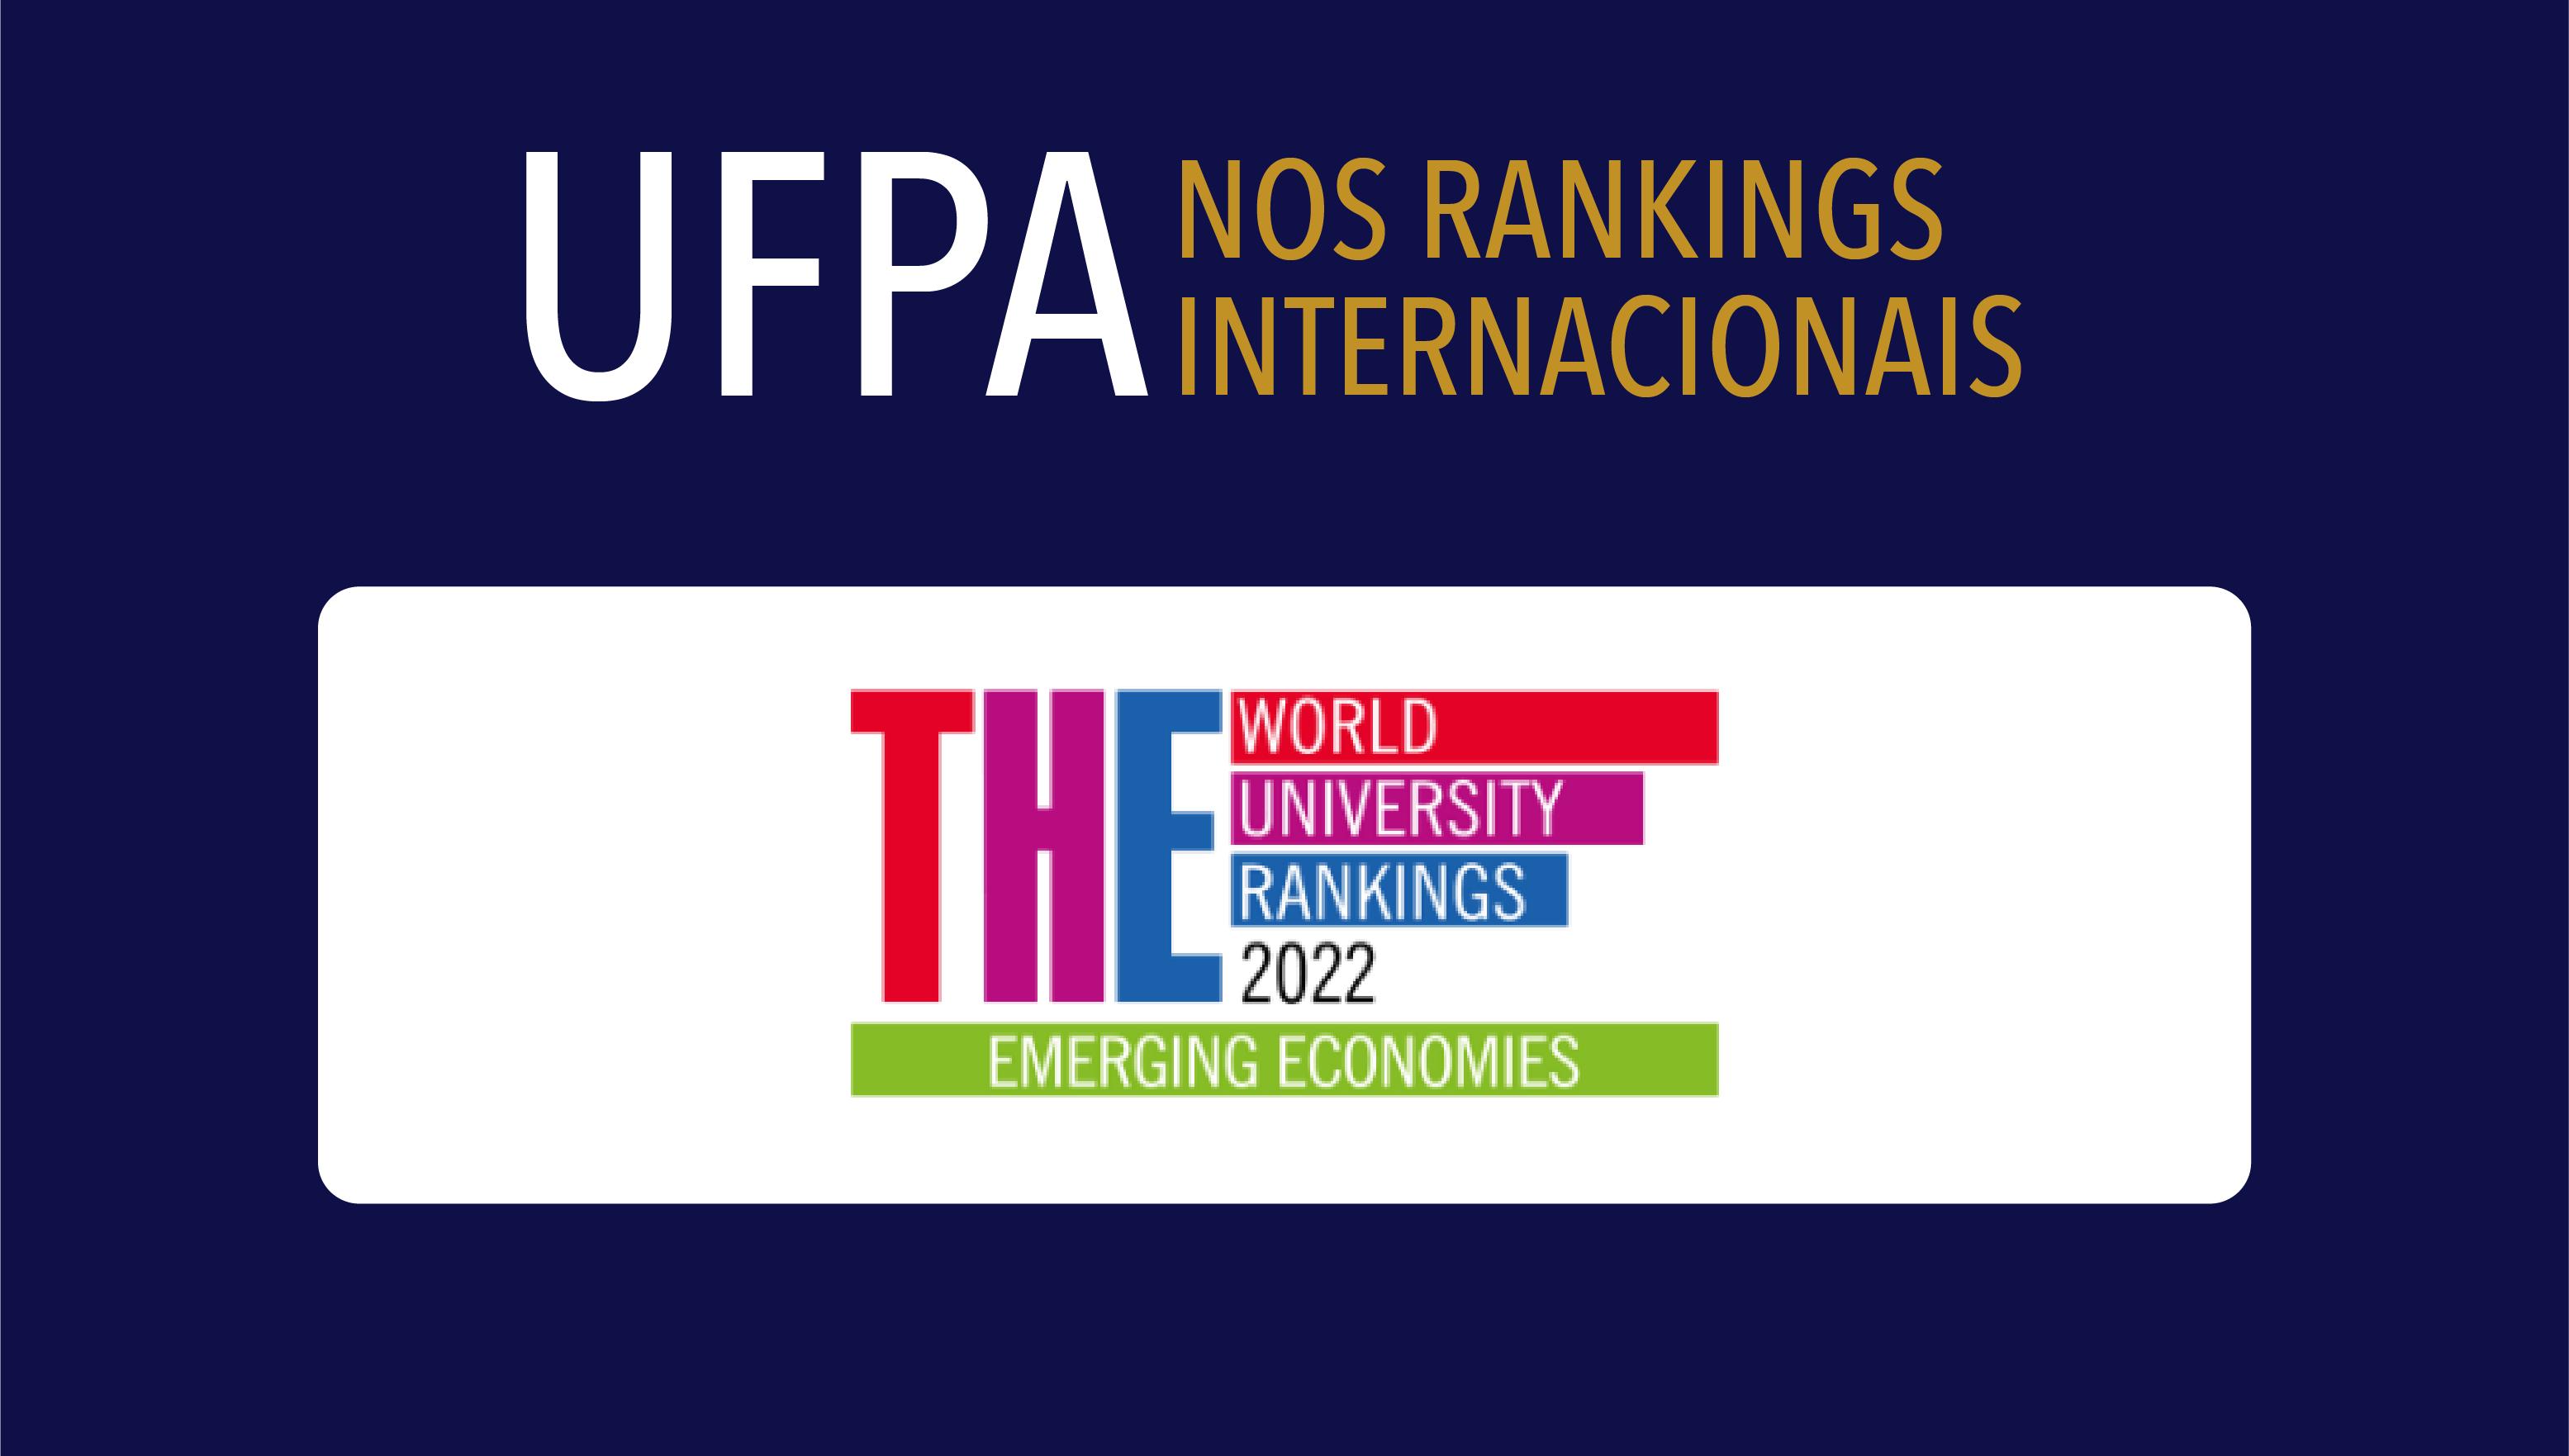 UFPA está entre as melhores universidades das Economias Emergentes